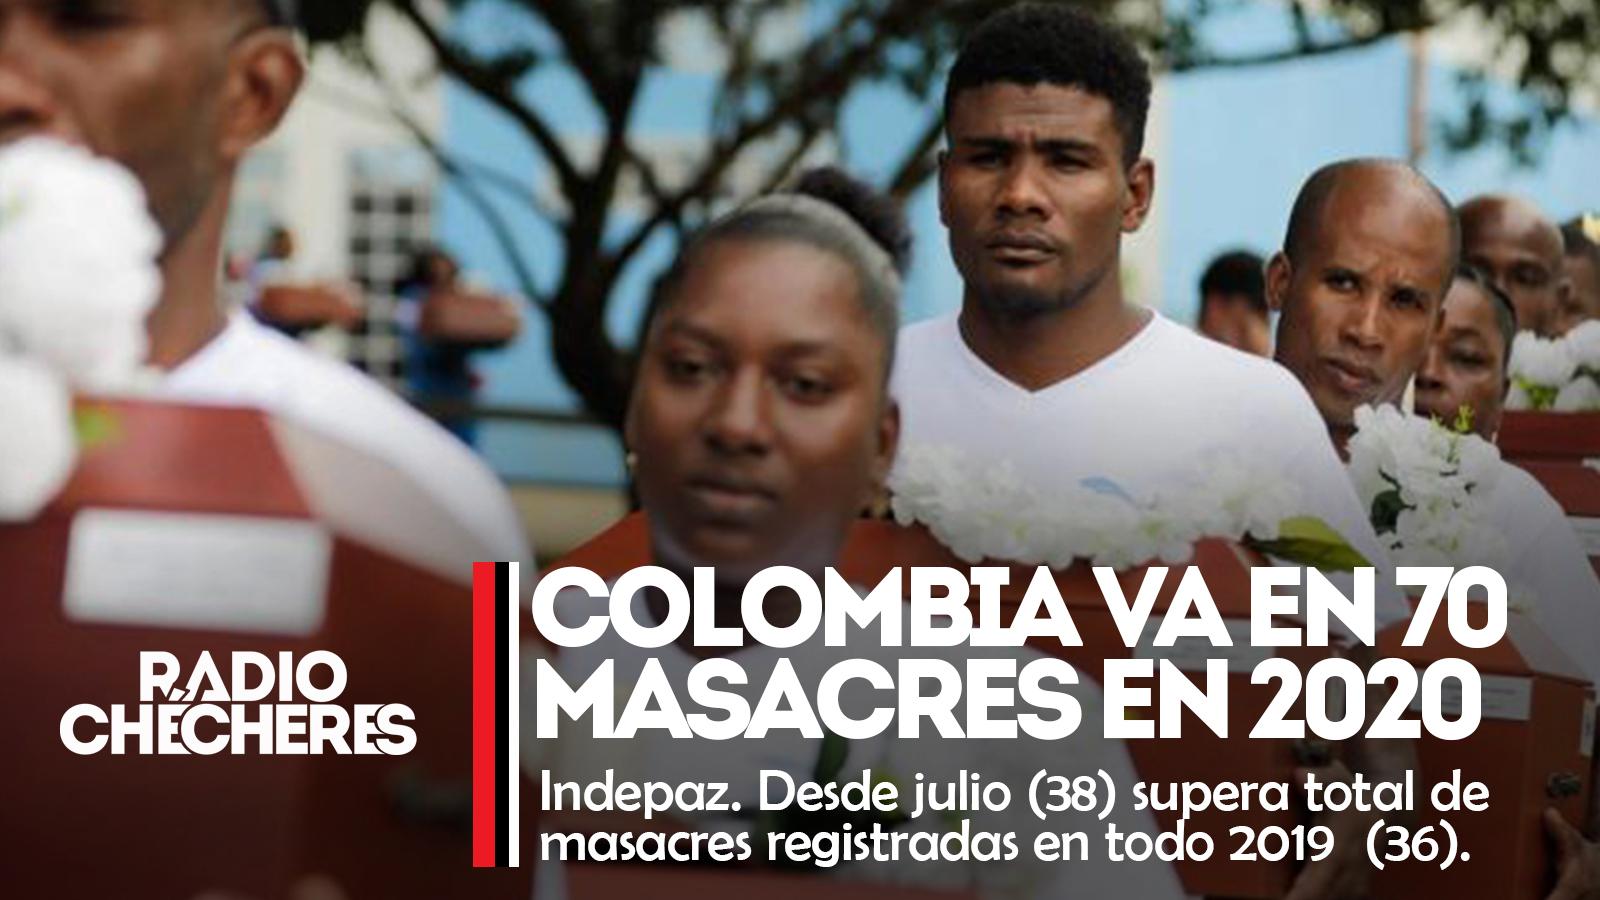 Colombia llegó a 70 masacres durante el 2020: Indepaz. Desde julio (38) supera total de masacres registradas en todo 2019  (36).